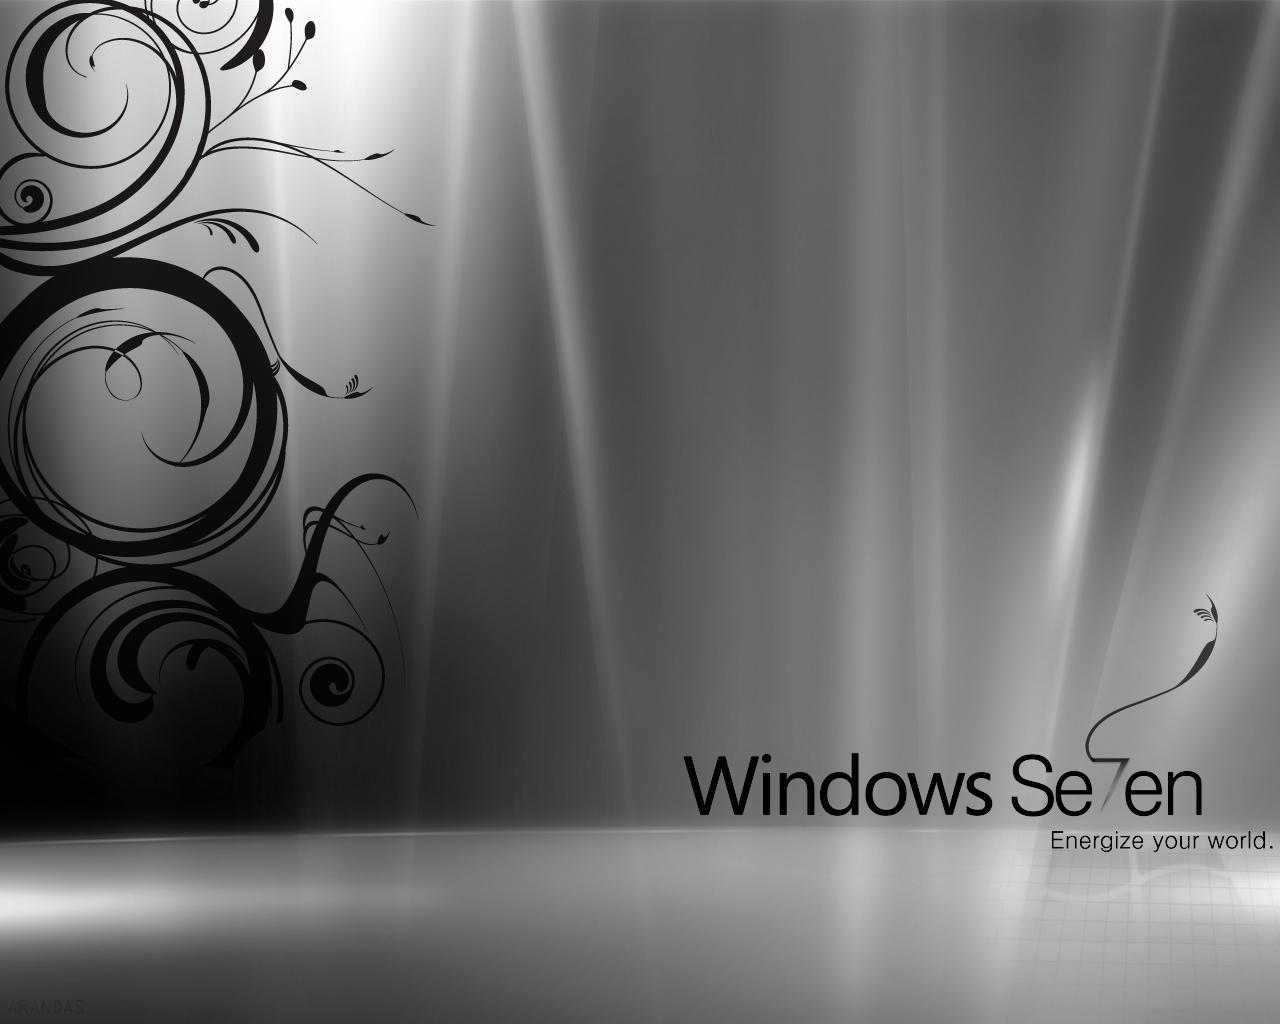 http://3.bp.blogspot.com/-C7kgNUEvcoA/TxJNIoTaXRI/AAAAAAAACxU/wD2kyG4xEKI/s1600/Windows+7+3d+Wallpapers+Images.jpg